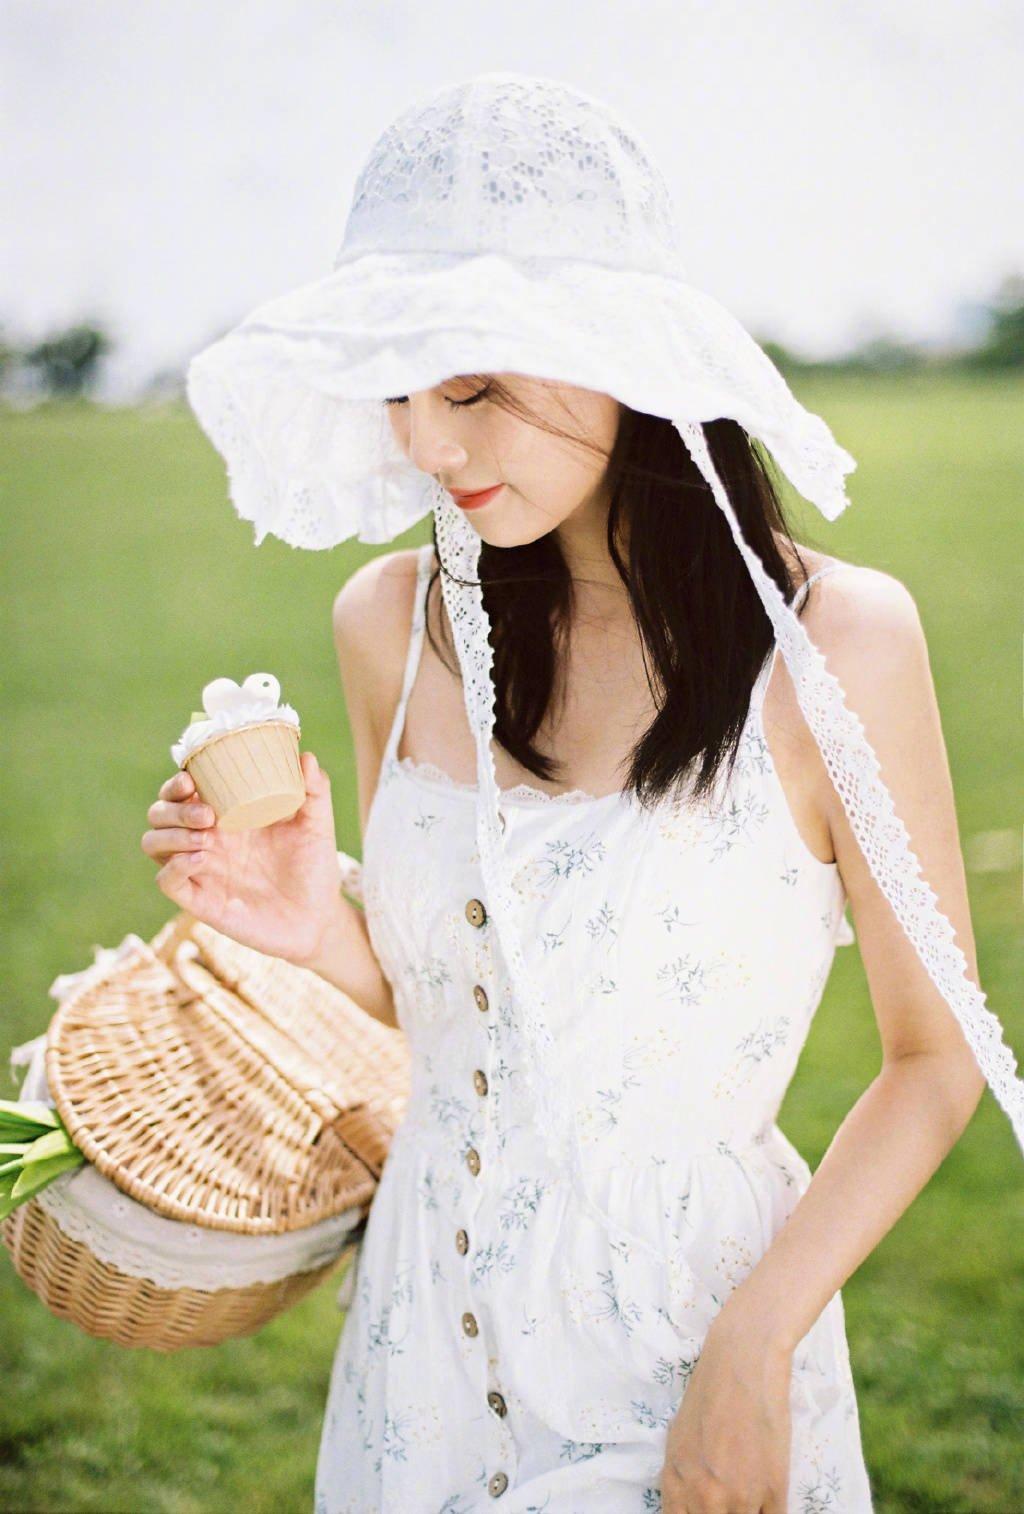 Bạch Lộc hóa 'nai trắng', khoe vẻ đẹp tinh khôi trong bộ ảnh mới 1